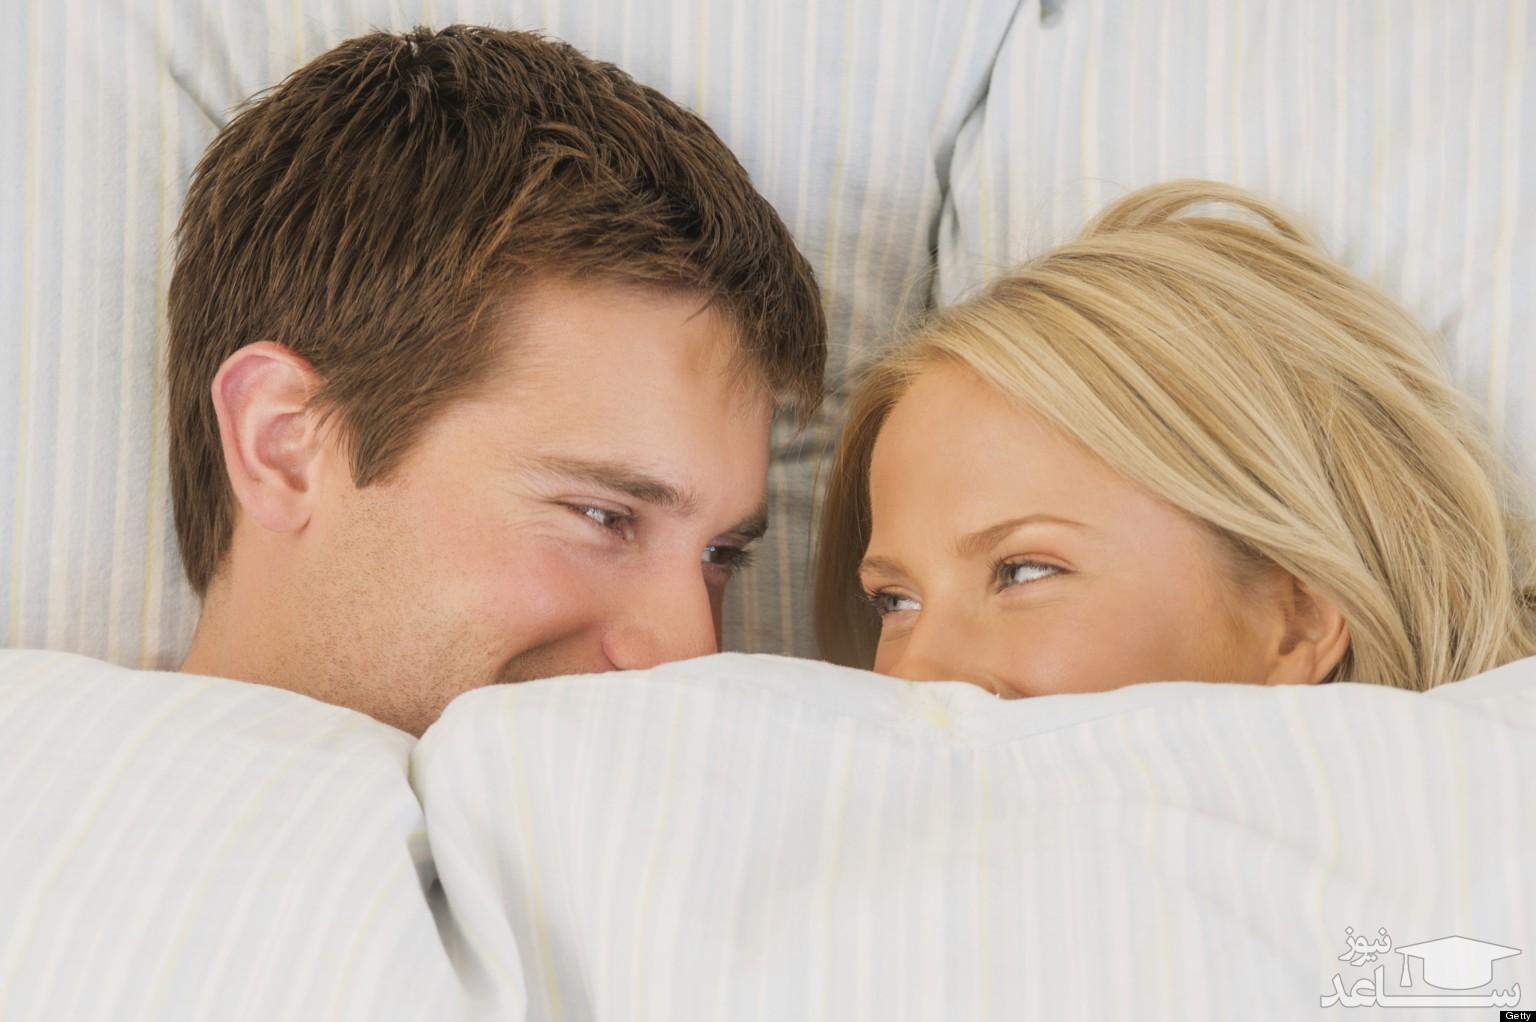 راهکارهایی برای داشتن نعوظ قوی در مردان